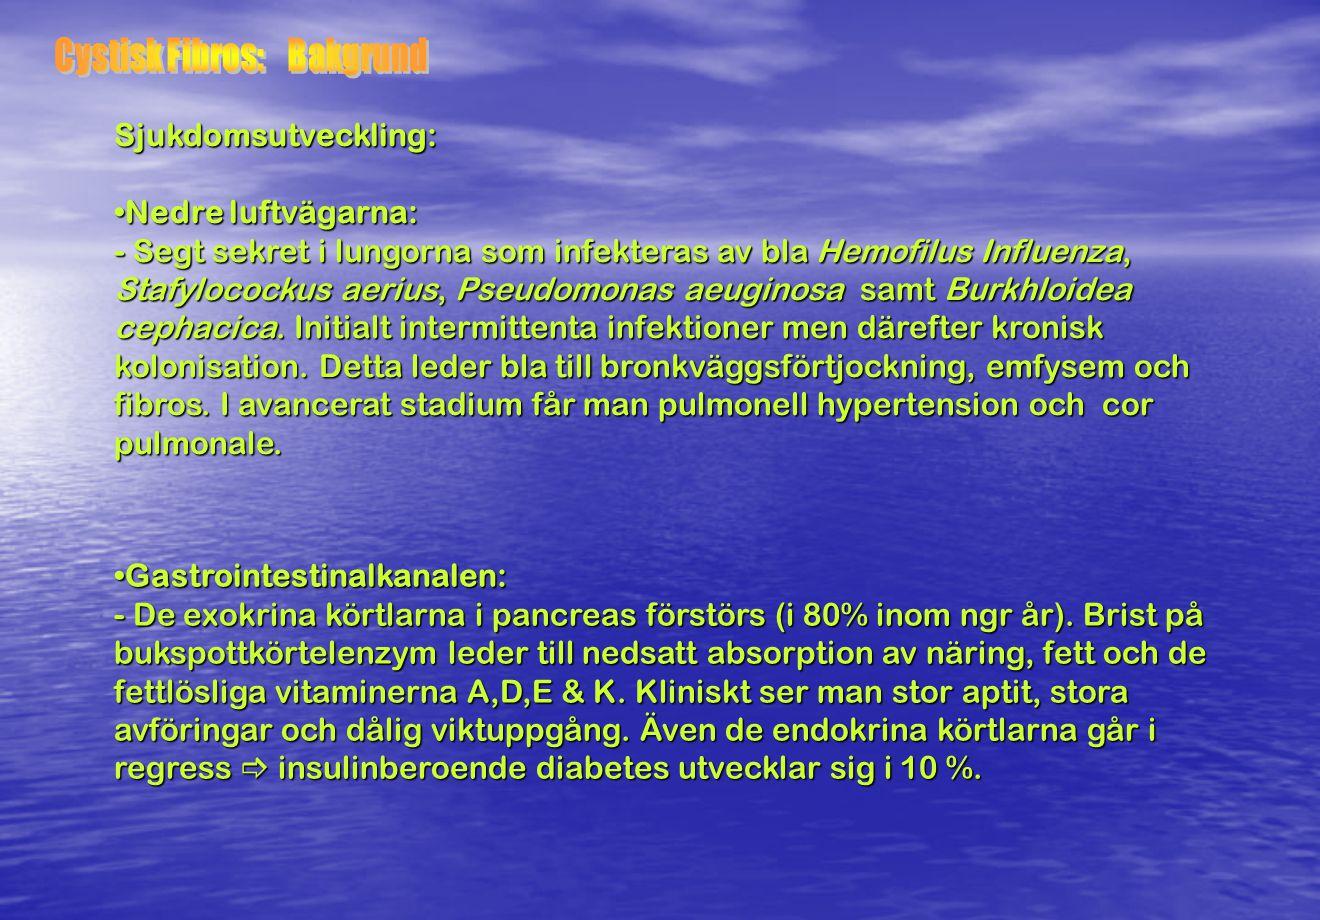 Behandlingsexempel: Läkemedel: Läkemedel: Påverka segt visköst sekret: -Dimtält (NaCl),Andningsgymnastik morgon & kväll / Hostteknik, Slemlösande (Bromhexin /Acetylcystein), DNas (Pulmozyme), Na- resorptionshämmare (Amilorid) Luftrörsvidgande / inflammationshämmande: -B2-stimulerare / inhalationssteroider Antibiotika:-P.o 10-dgrs/långtids (Amoxicillin / Heracillin/ Ciproxin) -I.v./Inhal.